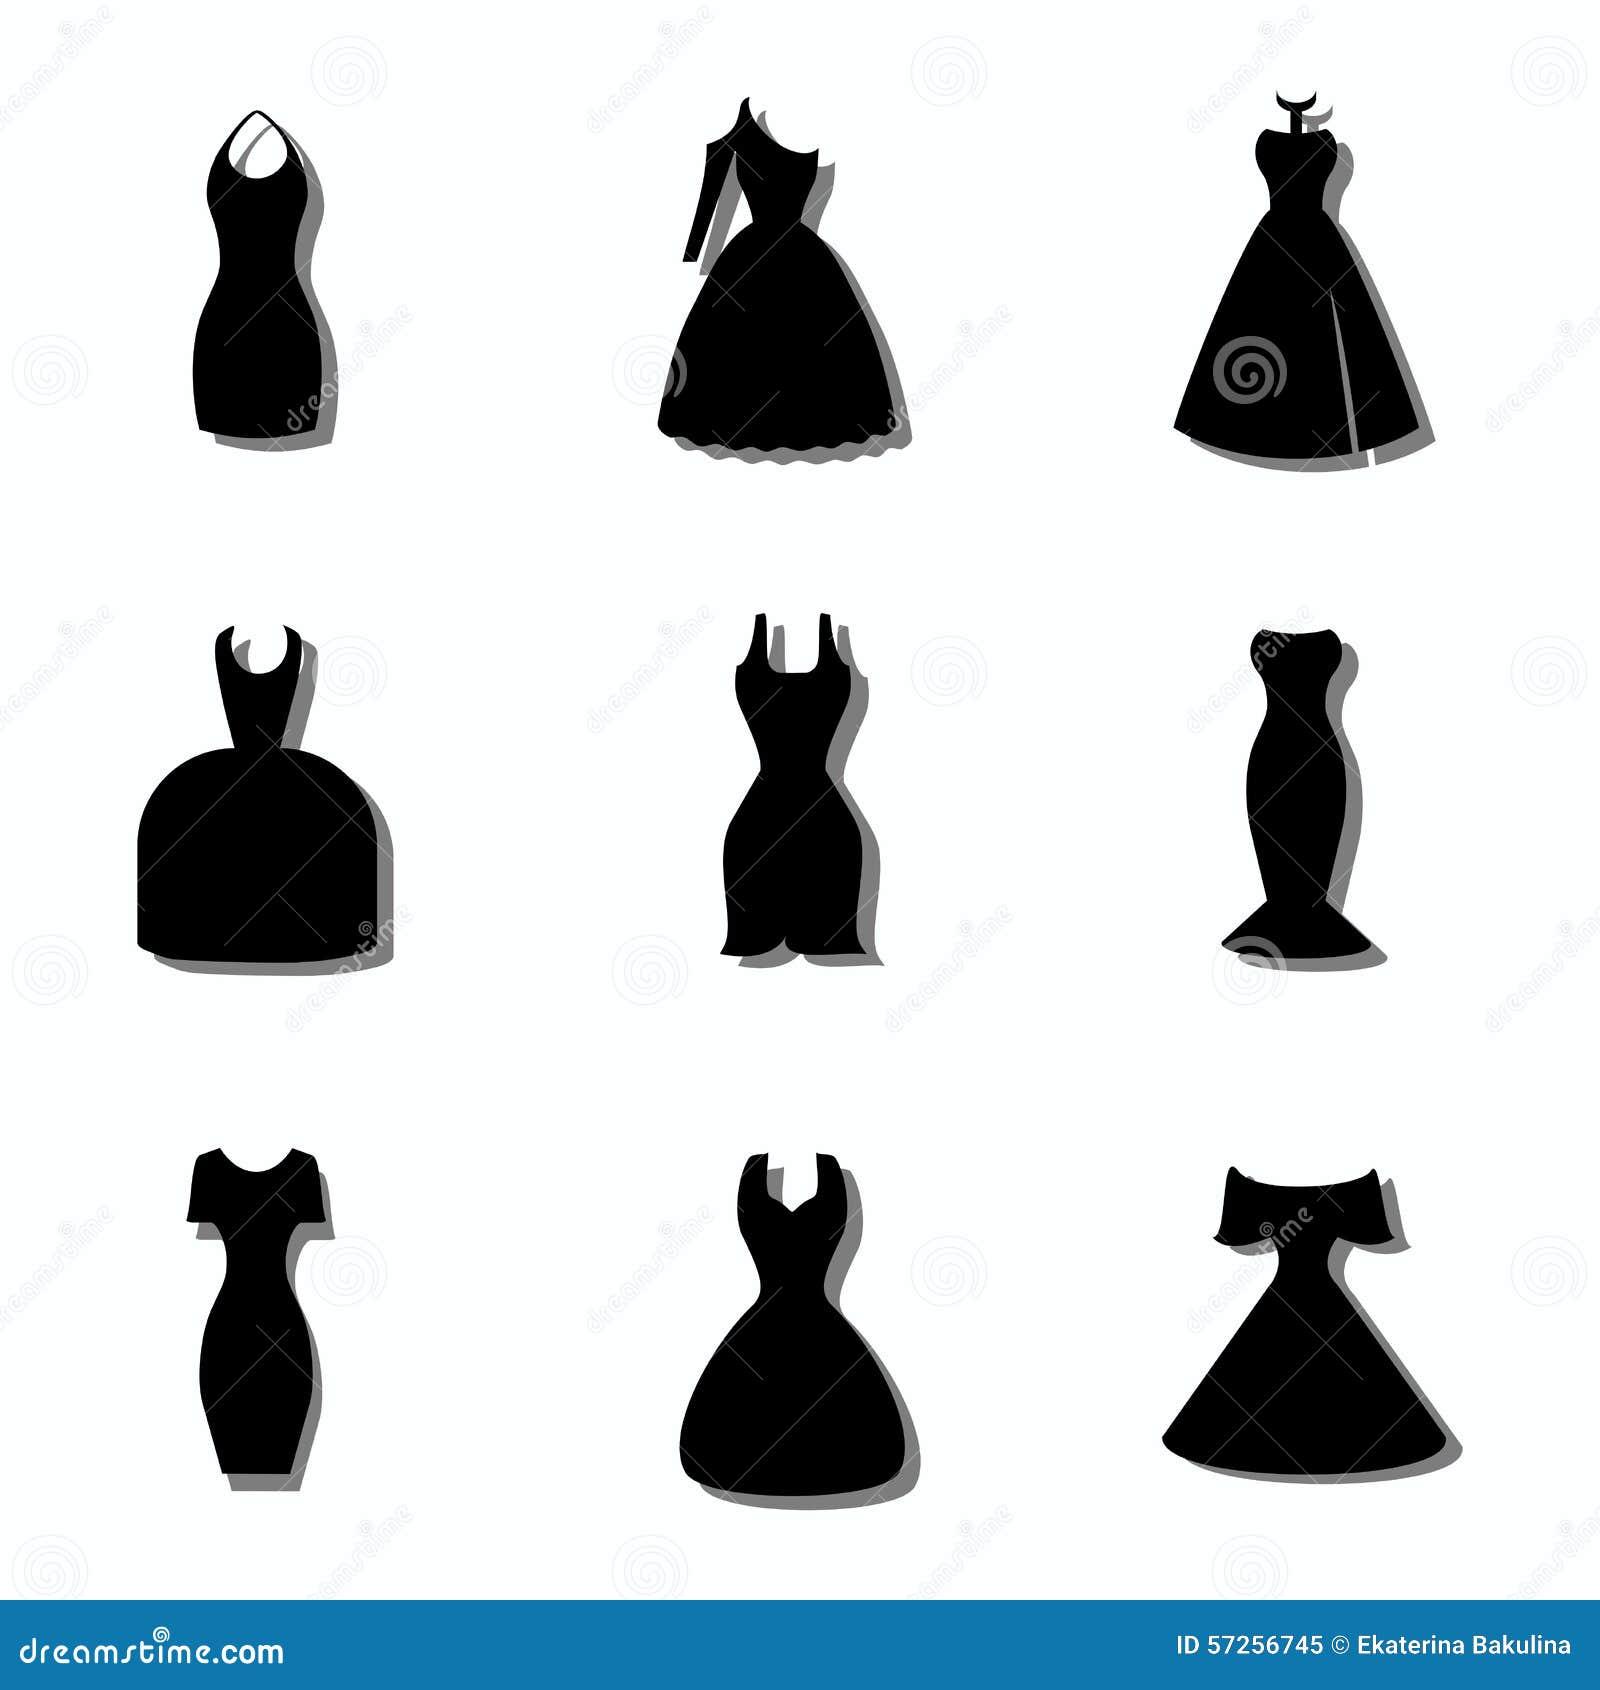 abbildungIllustration von vektor Arten Kleidern material von 0P8nwOXk